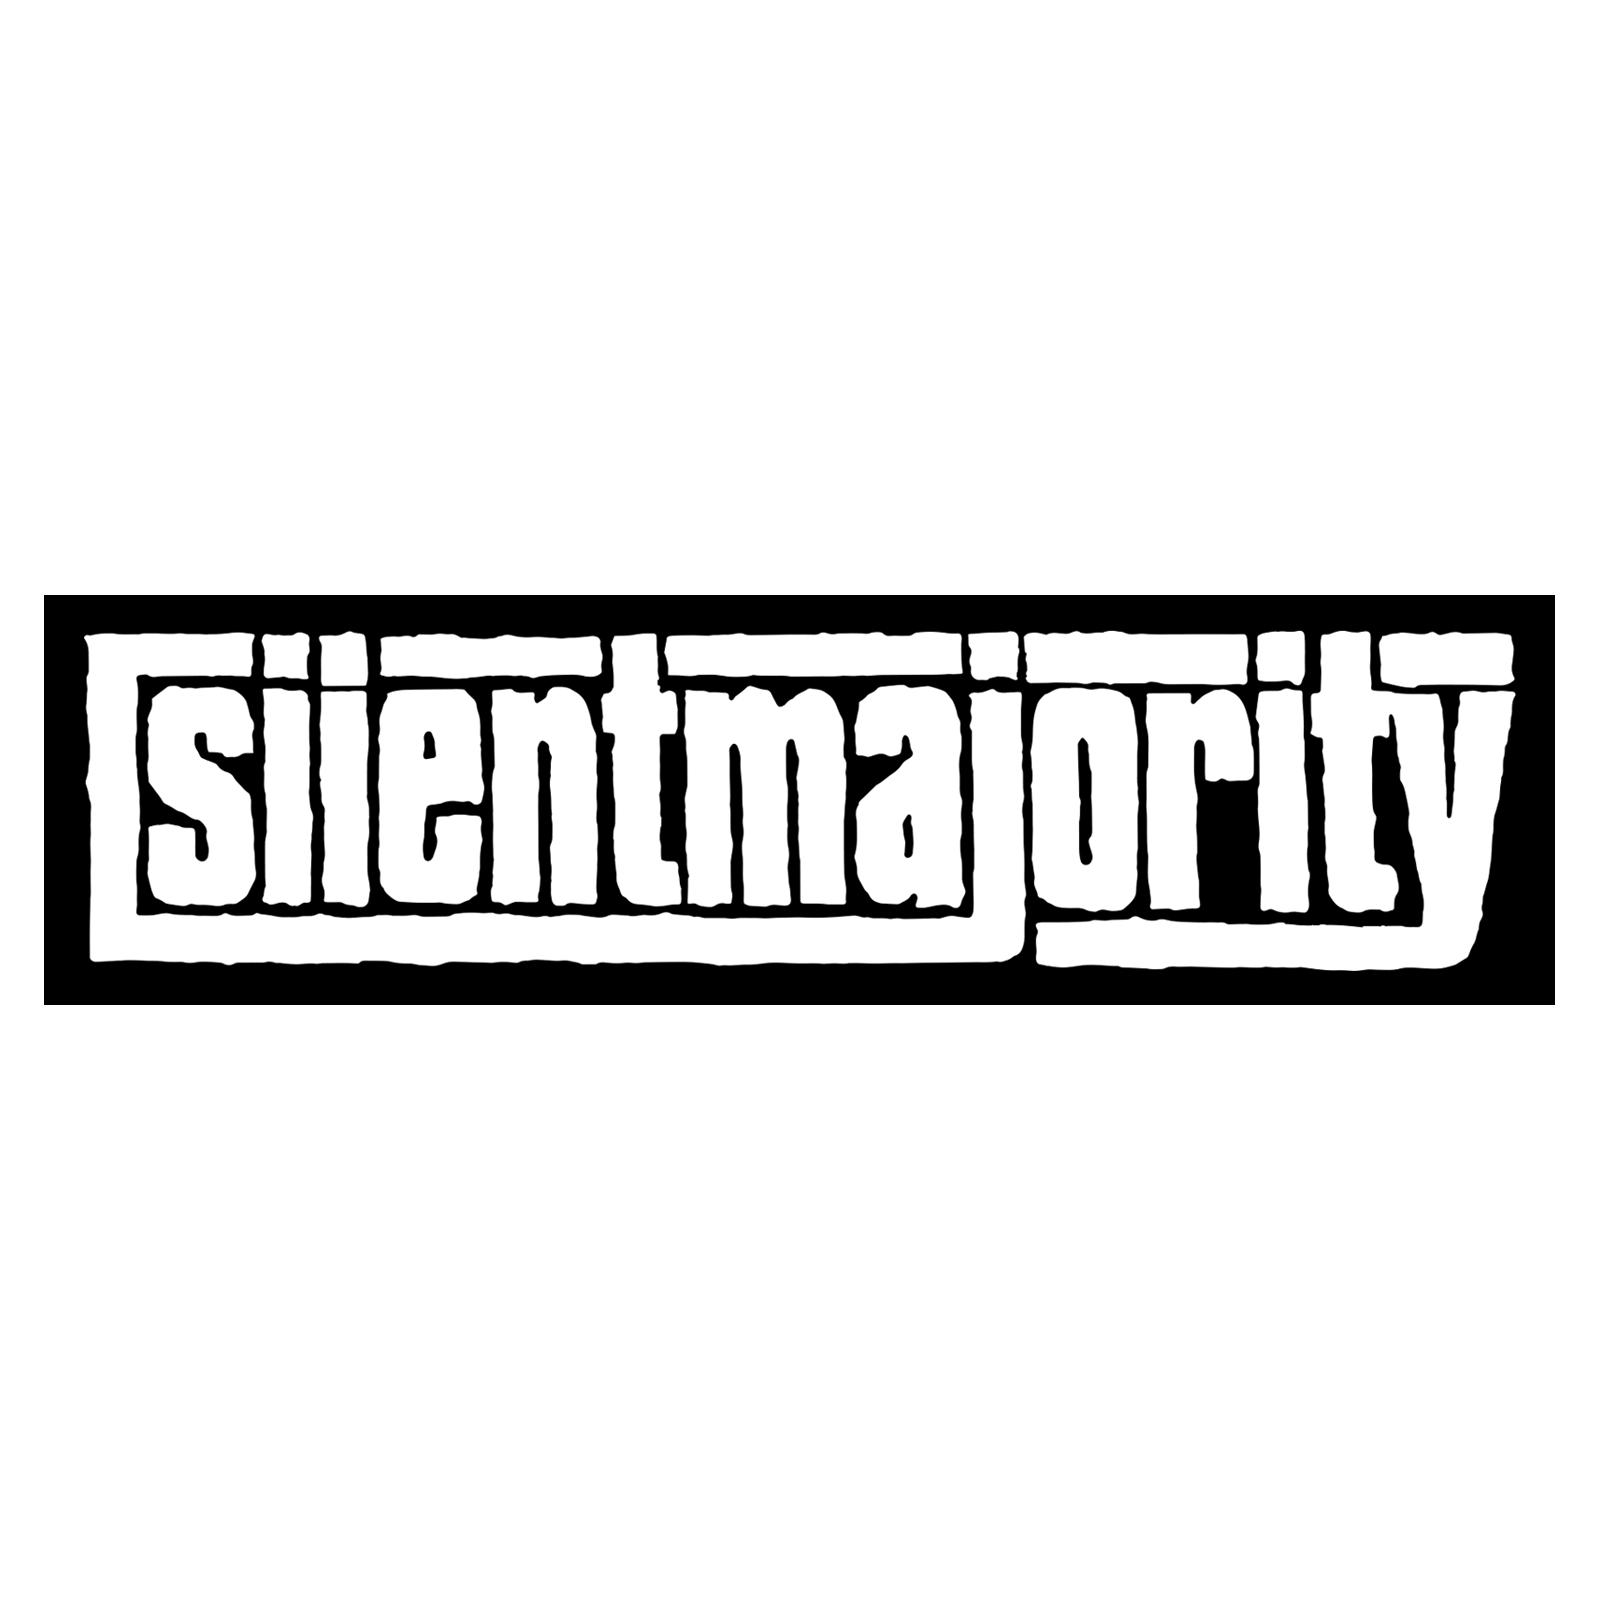 Eksistensi silent majority yang merugikan